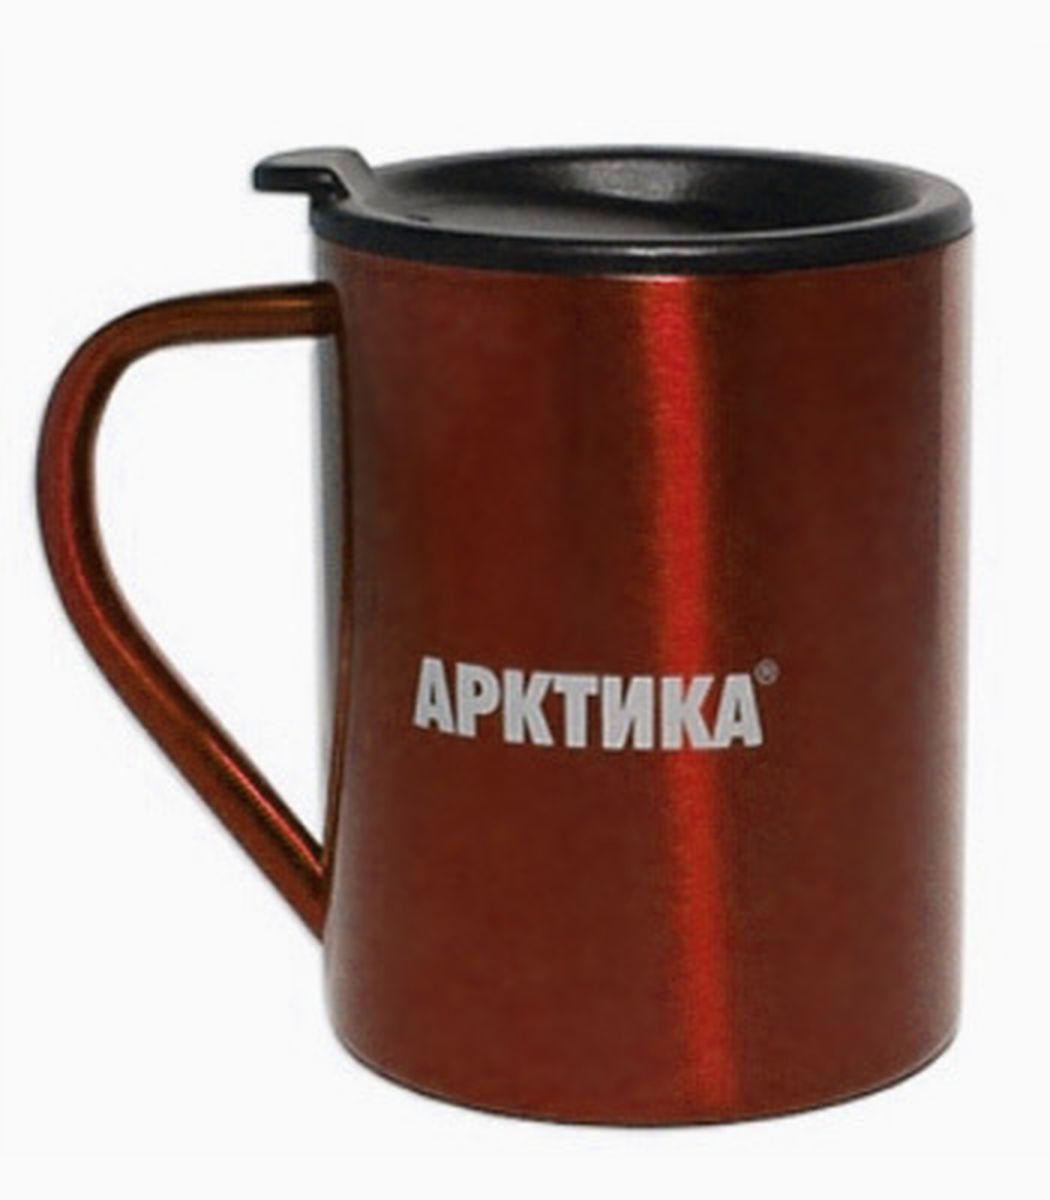 Термокружка Арктика, цвет: кофейный, 0,3 л802-300 кофейнаяТермокружка Арктика – универсальна, она одинаково хороша и при использовании дома, если Вы любите растягивать удовольствие от напитка и Вам не нравится, что он так быстро остывает, и на даче, где такая посуда особенно впору в силу своей прочности, долговечности и практичности – ею приятно пользоваться, ведь она не обжигает руки, ее легко мыть, можно не бояться уронить термокружку Арктика, нержавеющая сталь равнодушно выдержит любые удары судьбы. Крышка с отверстием, поставляемая в комплекте плотно фиксируется на термокружке. Помимо той очевидной выгоды, что напиток не будет разливаться, Вы можете быть уверены, что в жаркий летний день любопытные насекомые не смогут позариться на содержимоетермокружки. Русская компания Арктика выпускает термопосуду для российского рынка – Вы не платите за растаможку товара и огромные транспортные наценки, поэтому цена натермокружки Арктика более чем адекватна, что не может не радовать